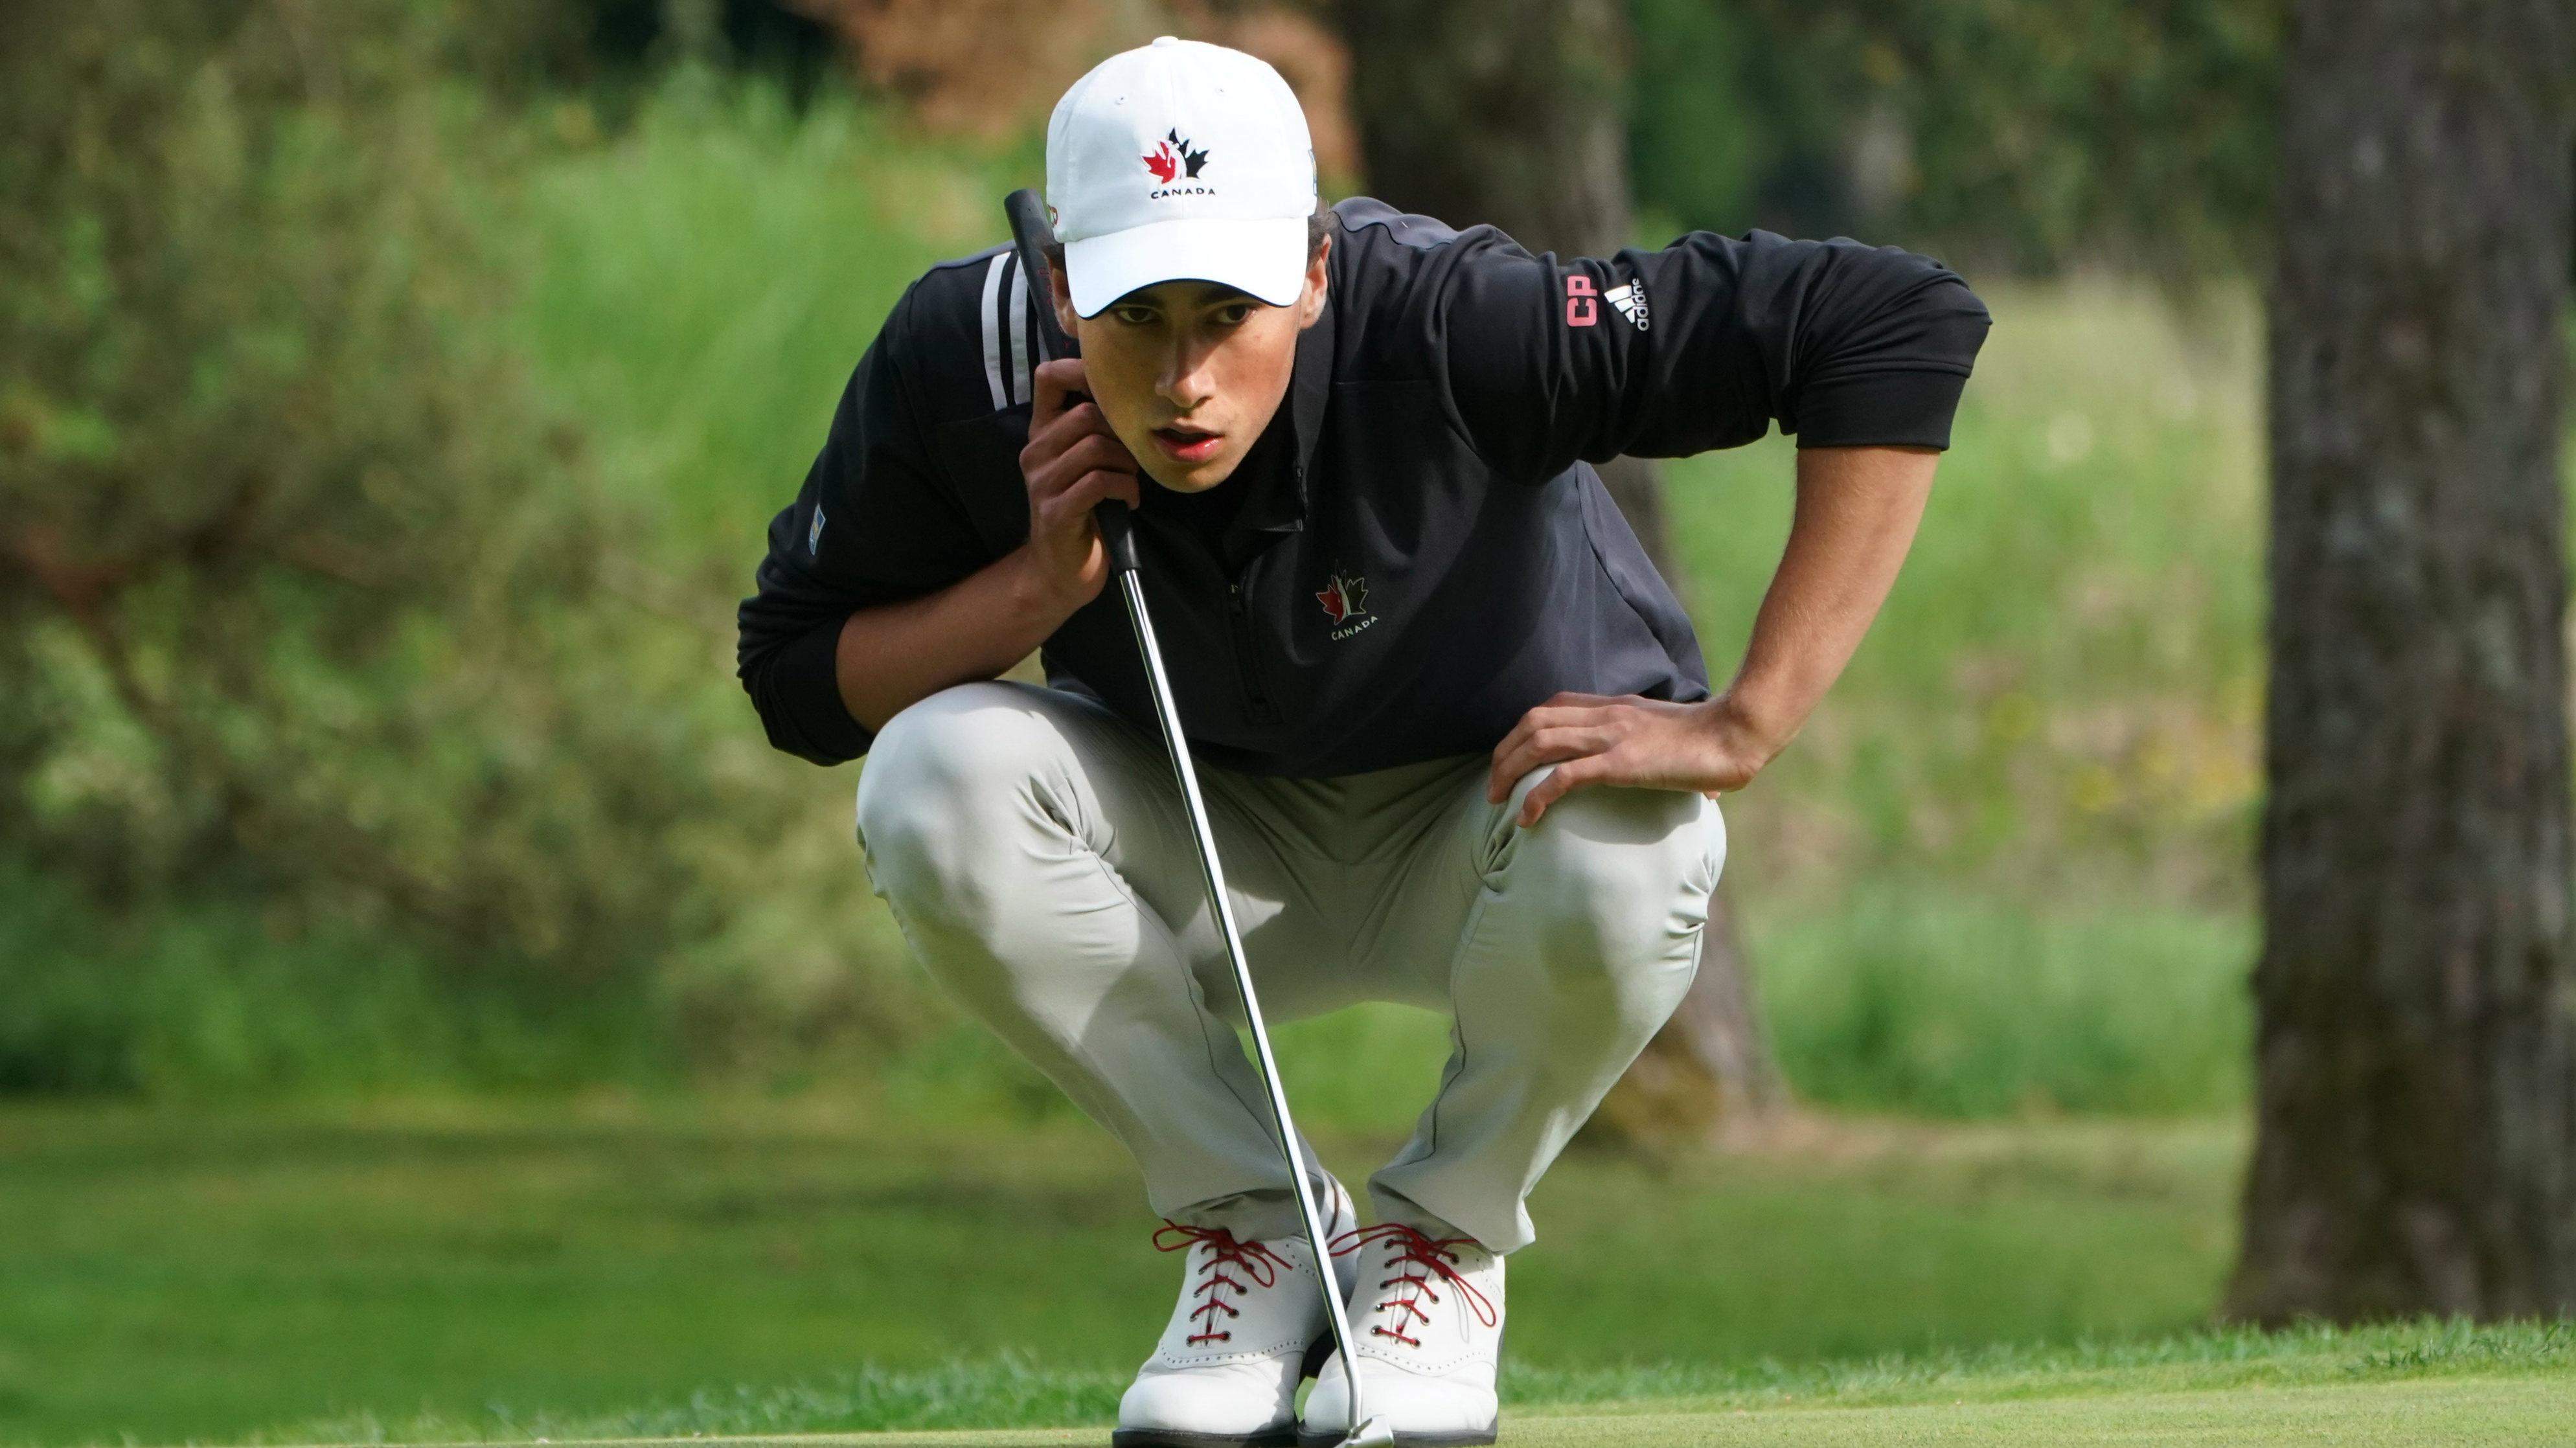 Laurent Desmarchais bat les PROS et gagne à Toronto au Championnat Canada  Vie de Golf Canada – Association Régionale des Cantons de l'Est